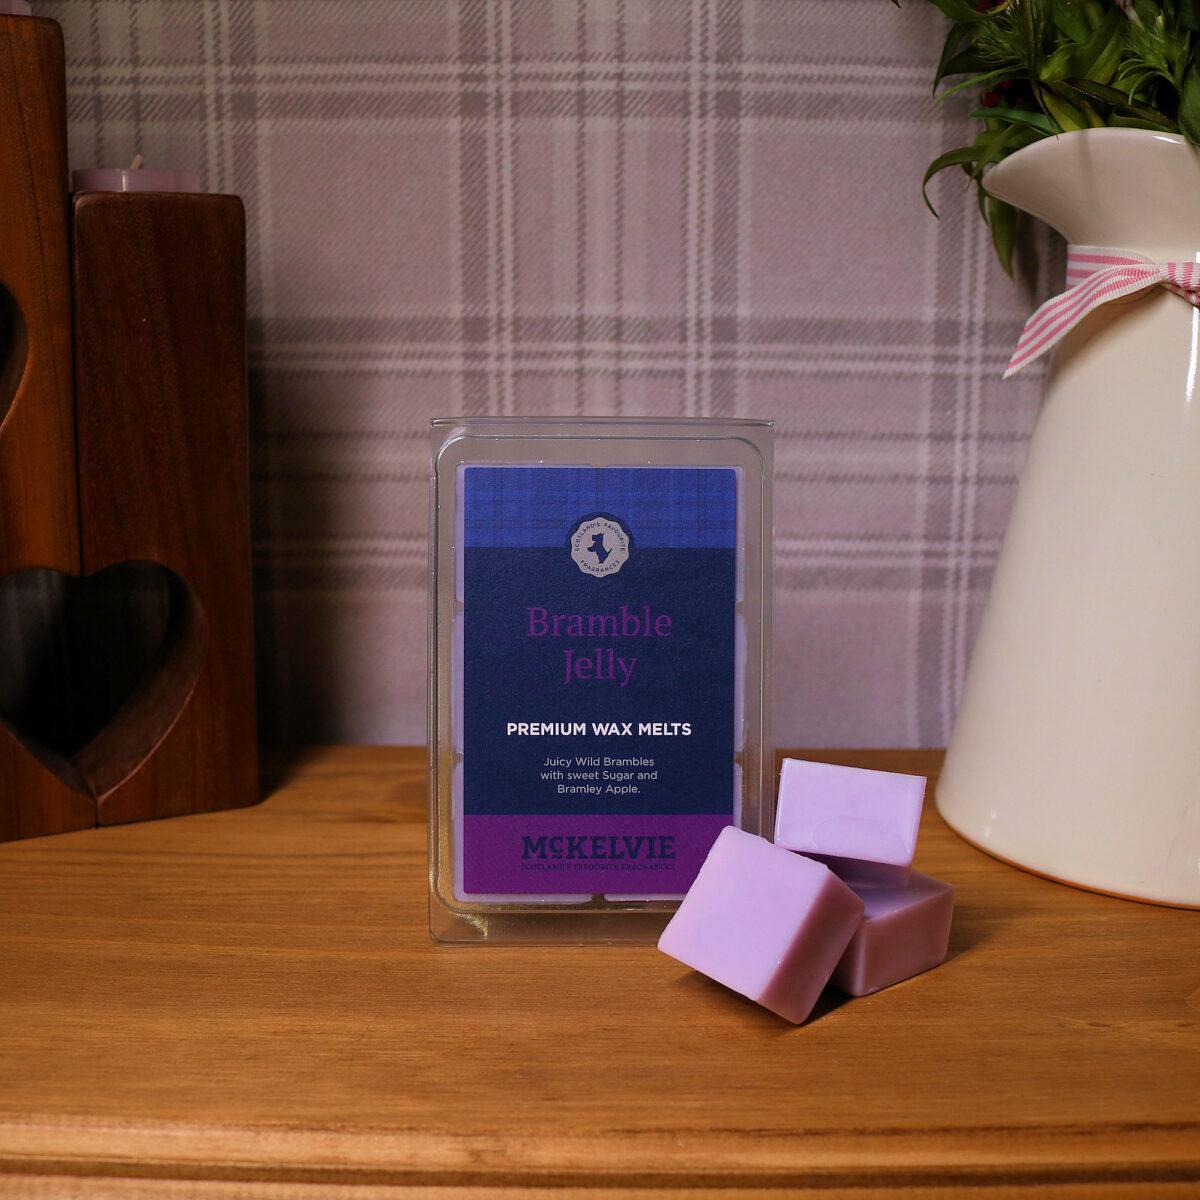 Bramble Jelly Wax Melts